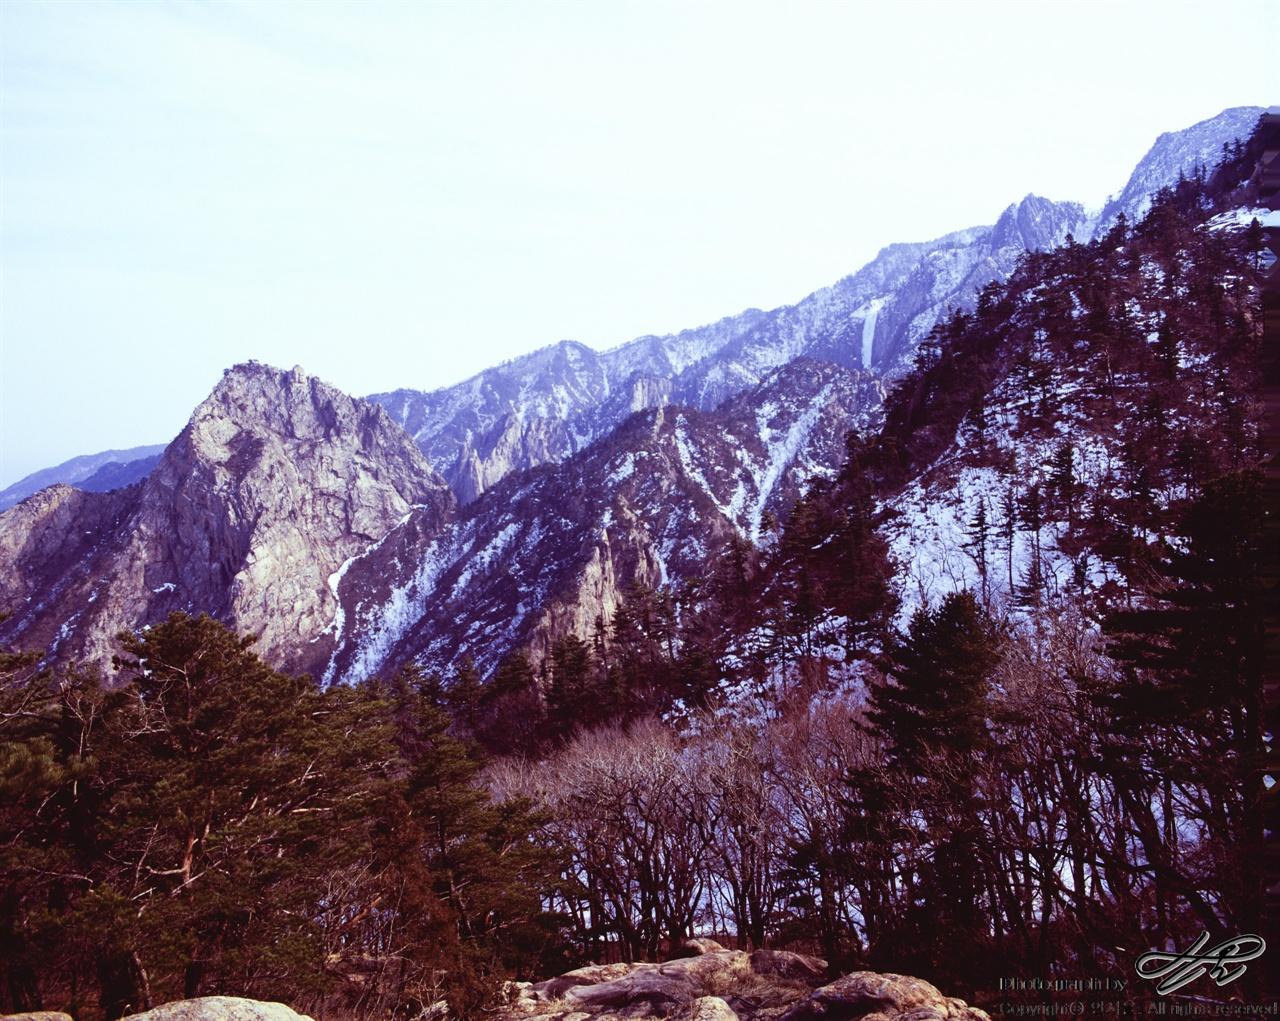 노적봉과 토왕성폭포 사진 오른쪽 상단에 얼어붙은 물줄기는 토왕성폭포이다. 높은 곳에서 저만한 규모의 폭포라니, 가을 쯤 꼭 다시 와보고싶었다. 토왕성폭포는 전망대까지만 등산로가 나있다.